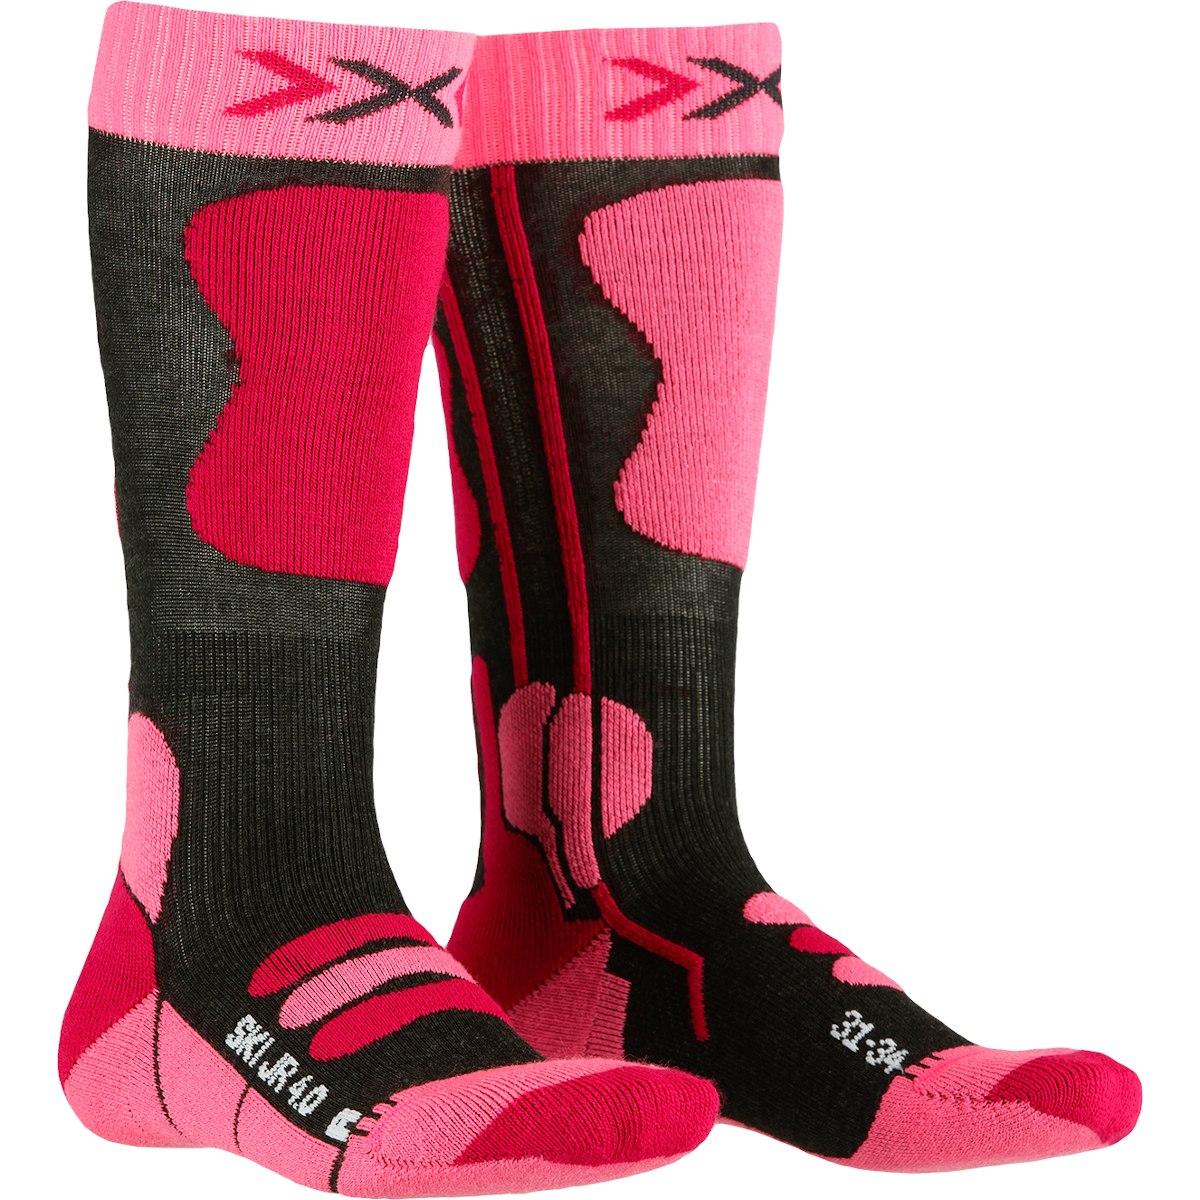 Bild von X-Socks Ski Junior 4.0 Kindersocken - anthracite melange/fluo pink